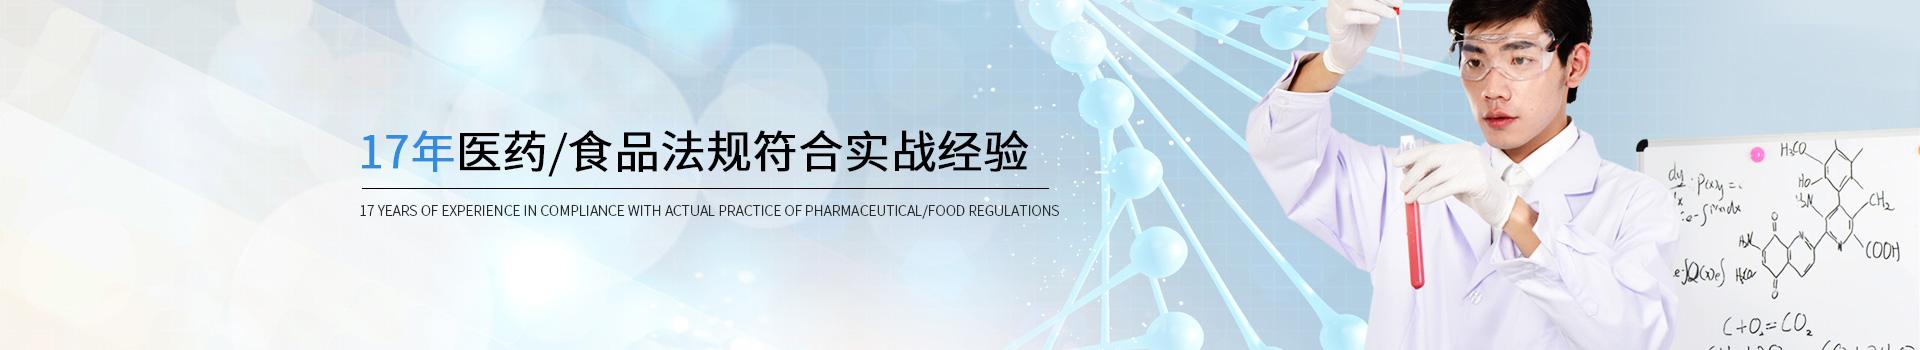 GMP咨询-17年医药、食品法规符合实战经验